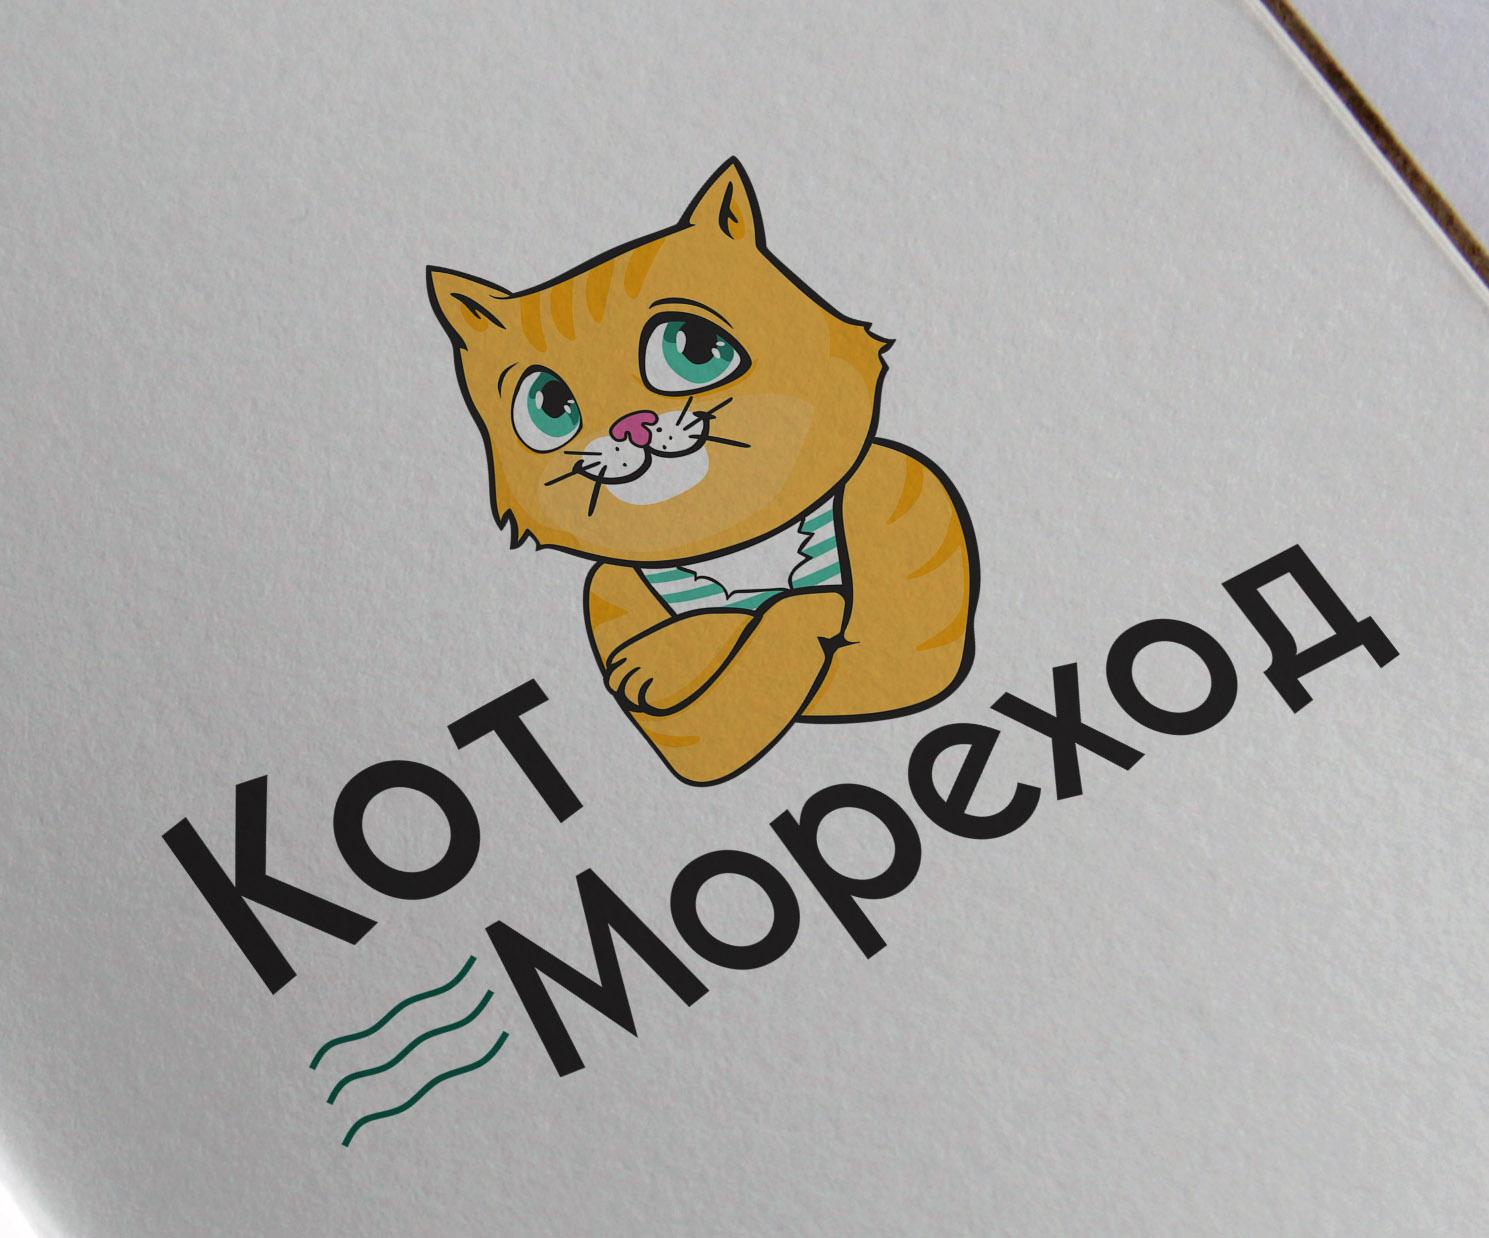 Разработка логотипа для детского центра фото f_4165d00e5888984b.jpg